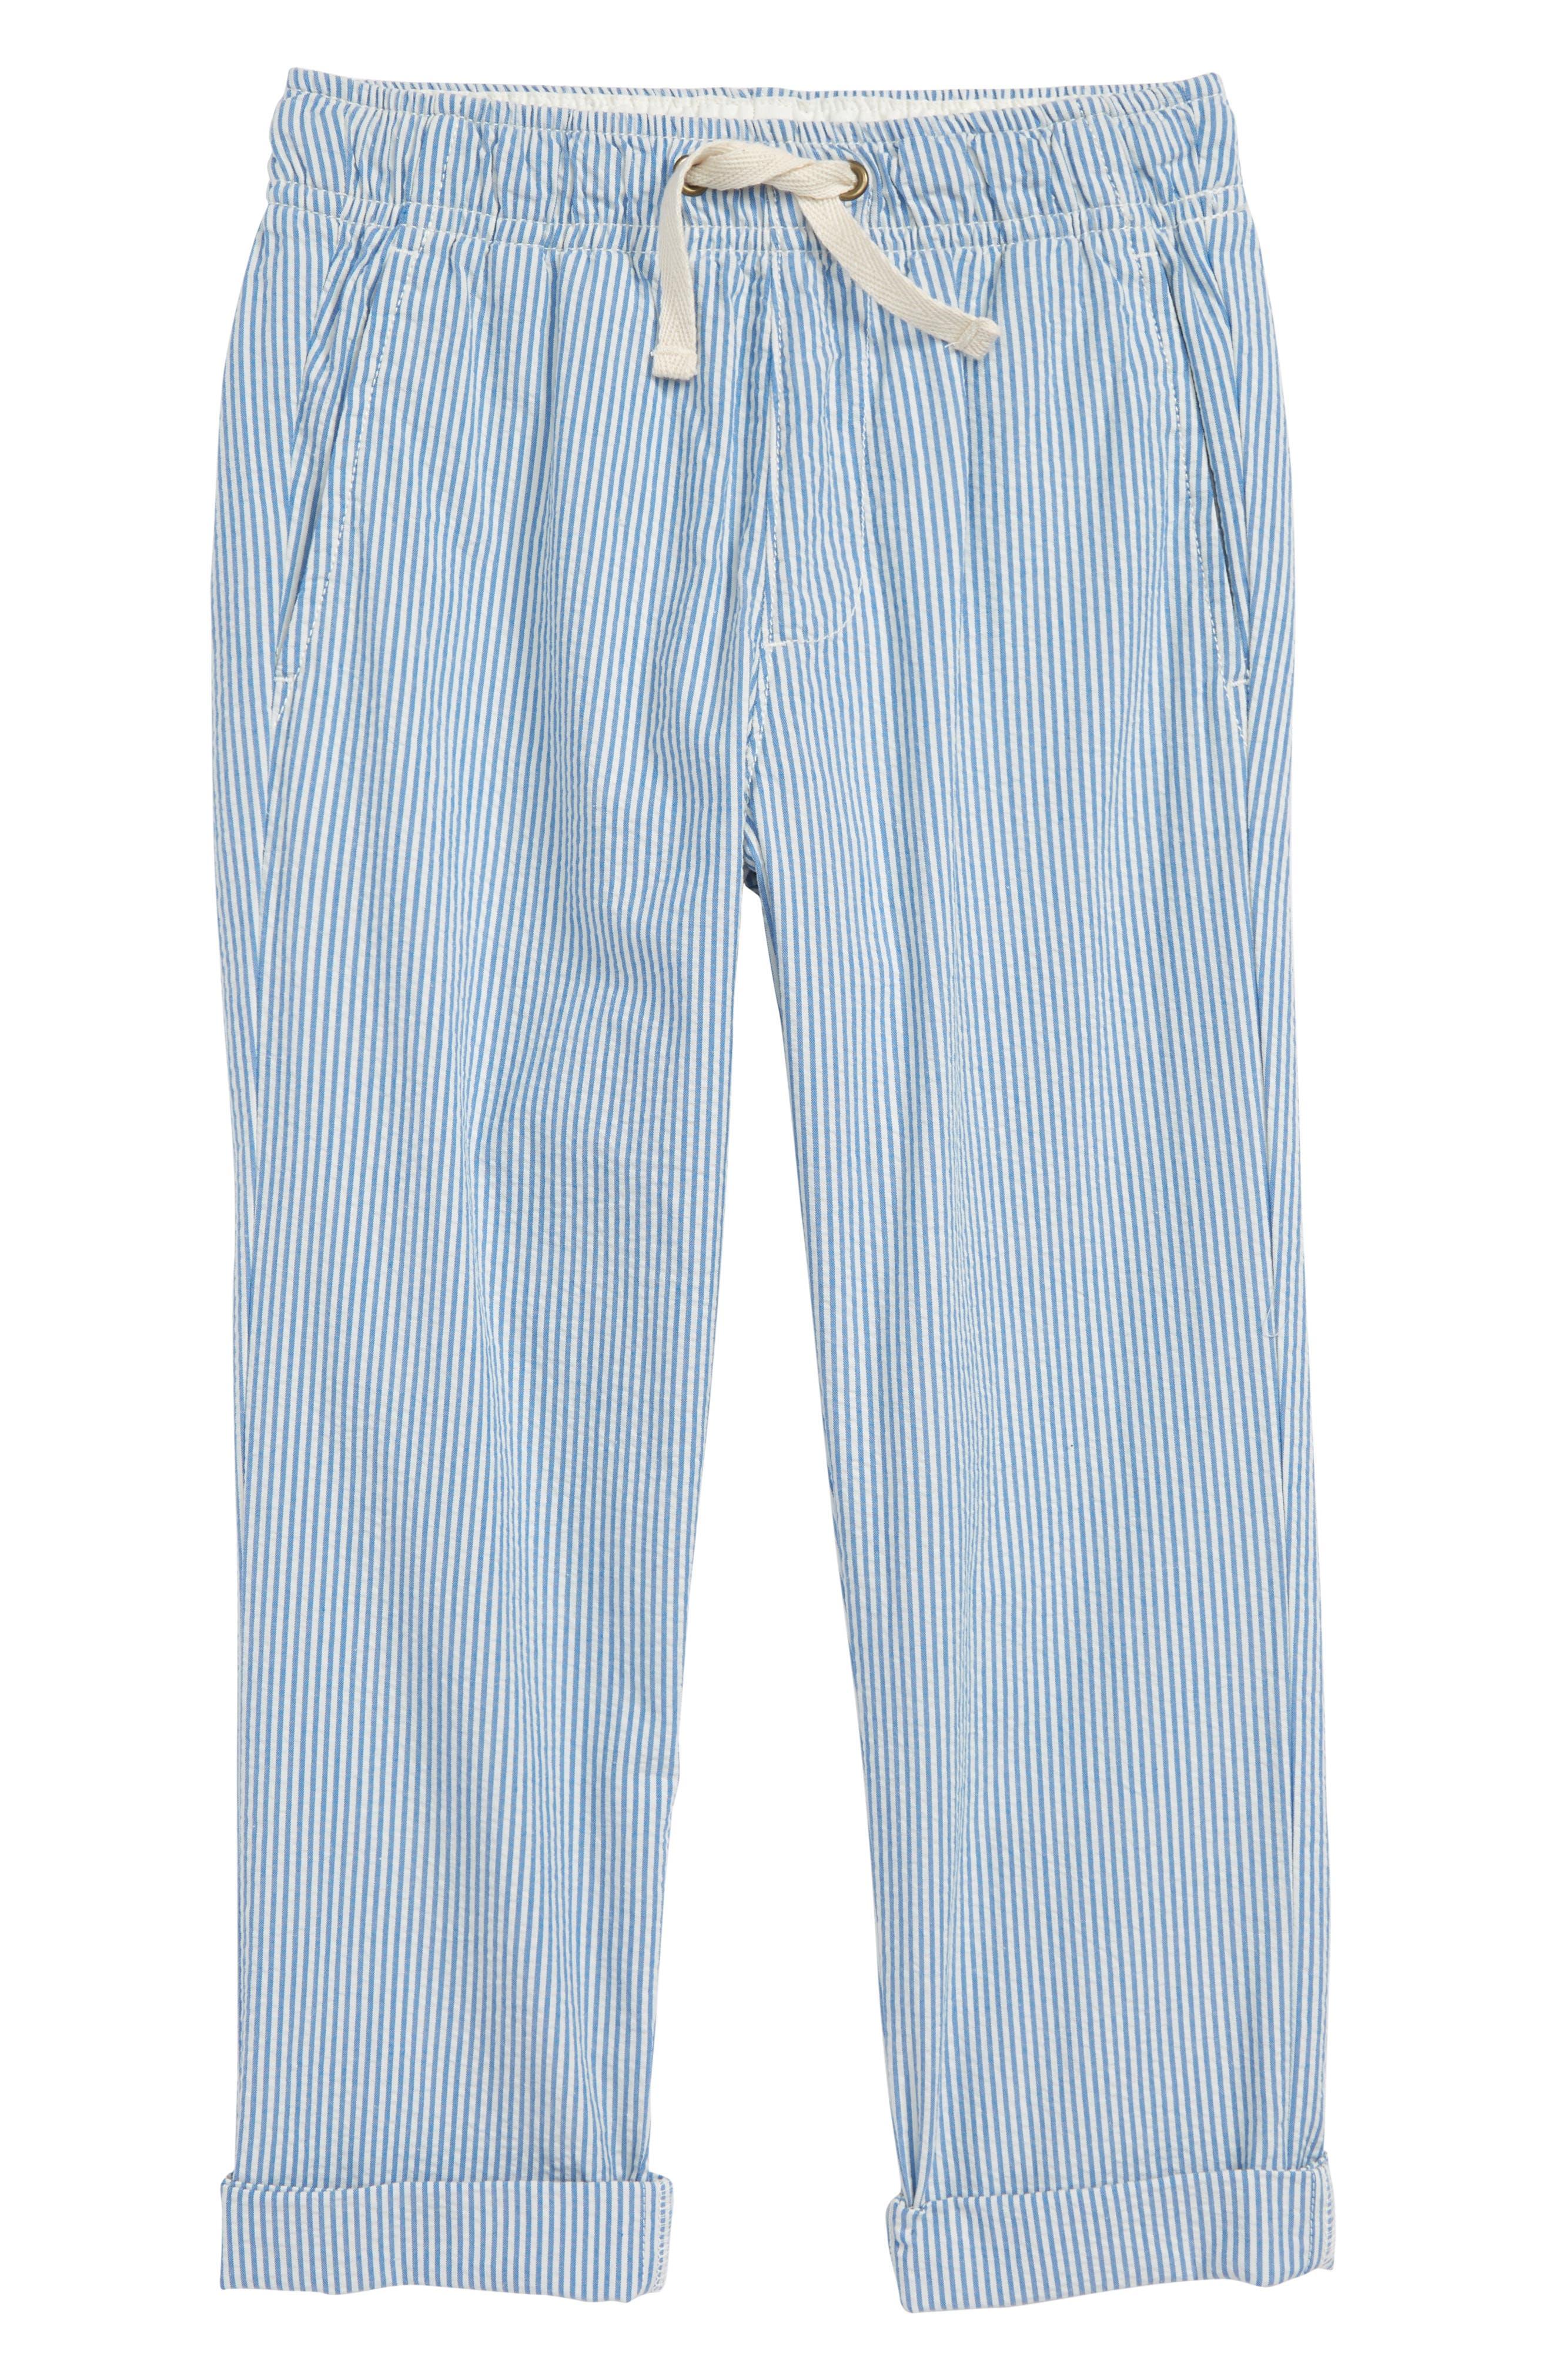 Seersucker Pants,                         Main,                         color, Crisp Azure White